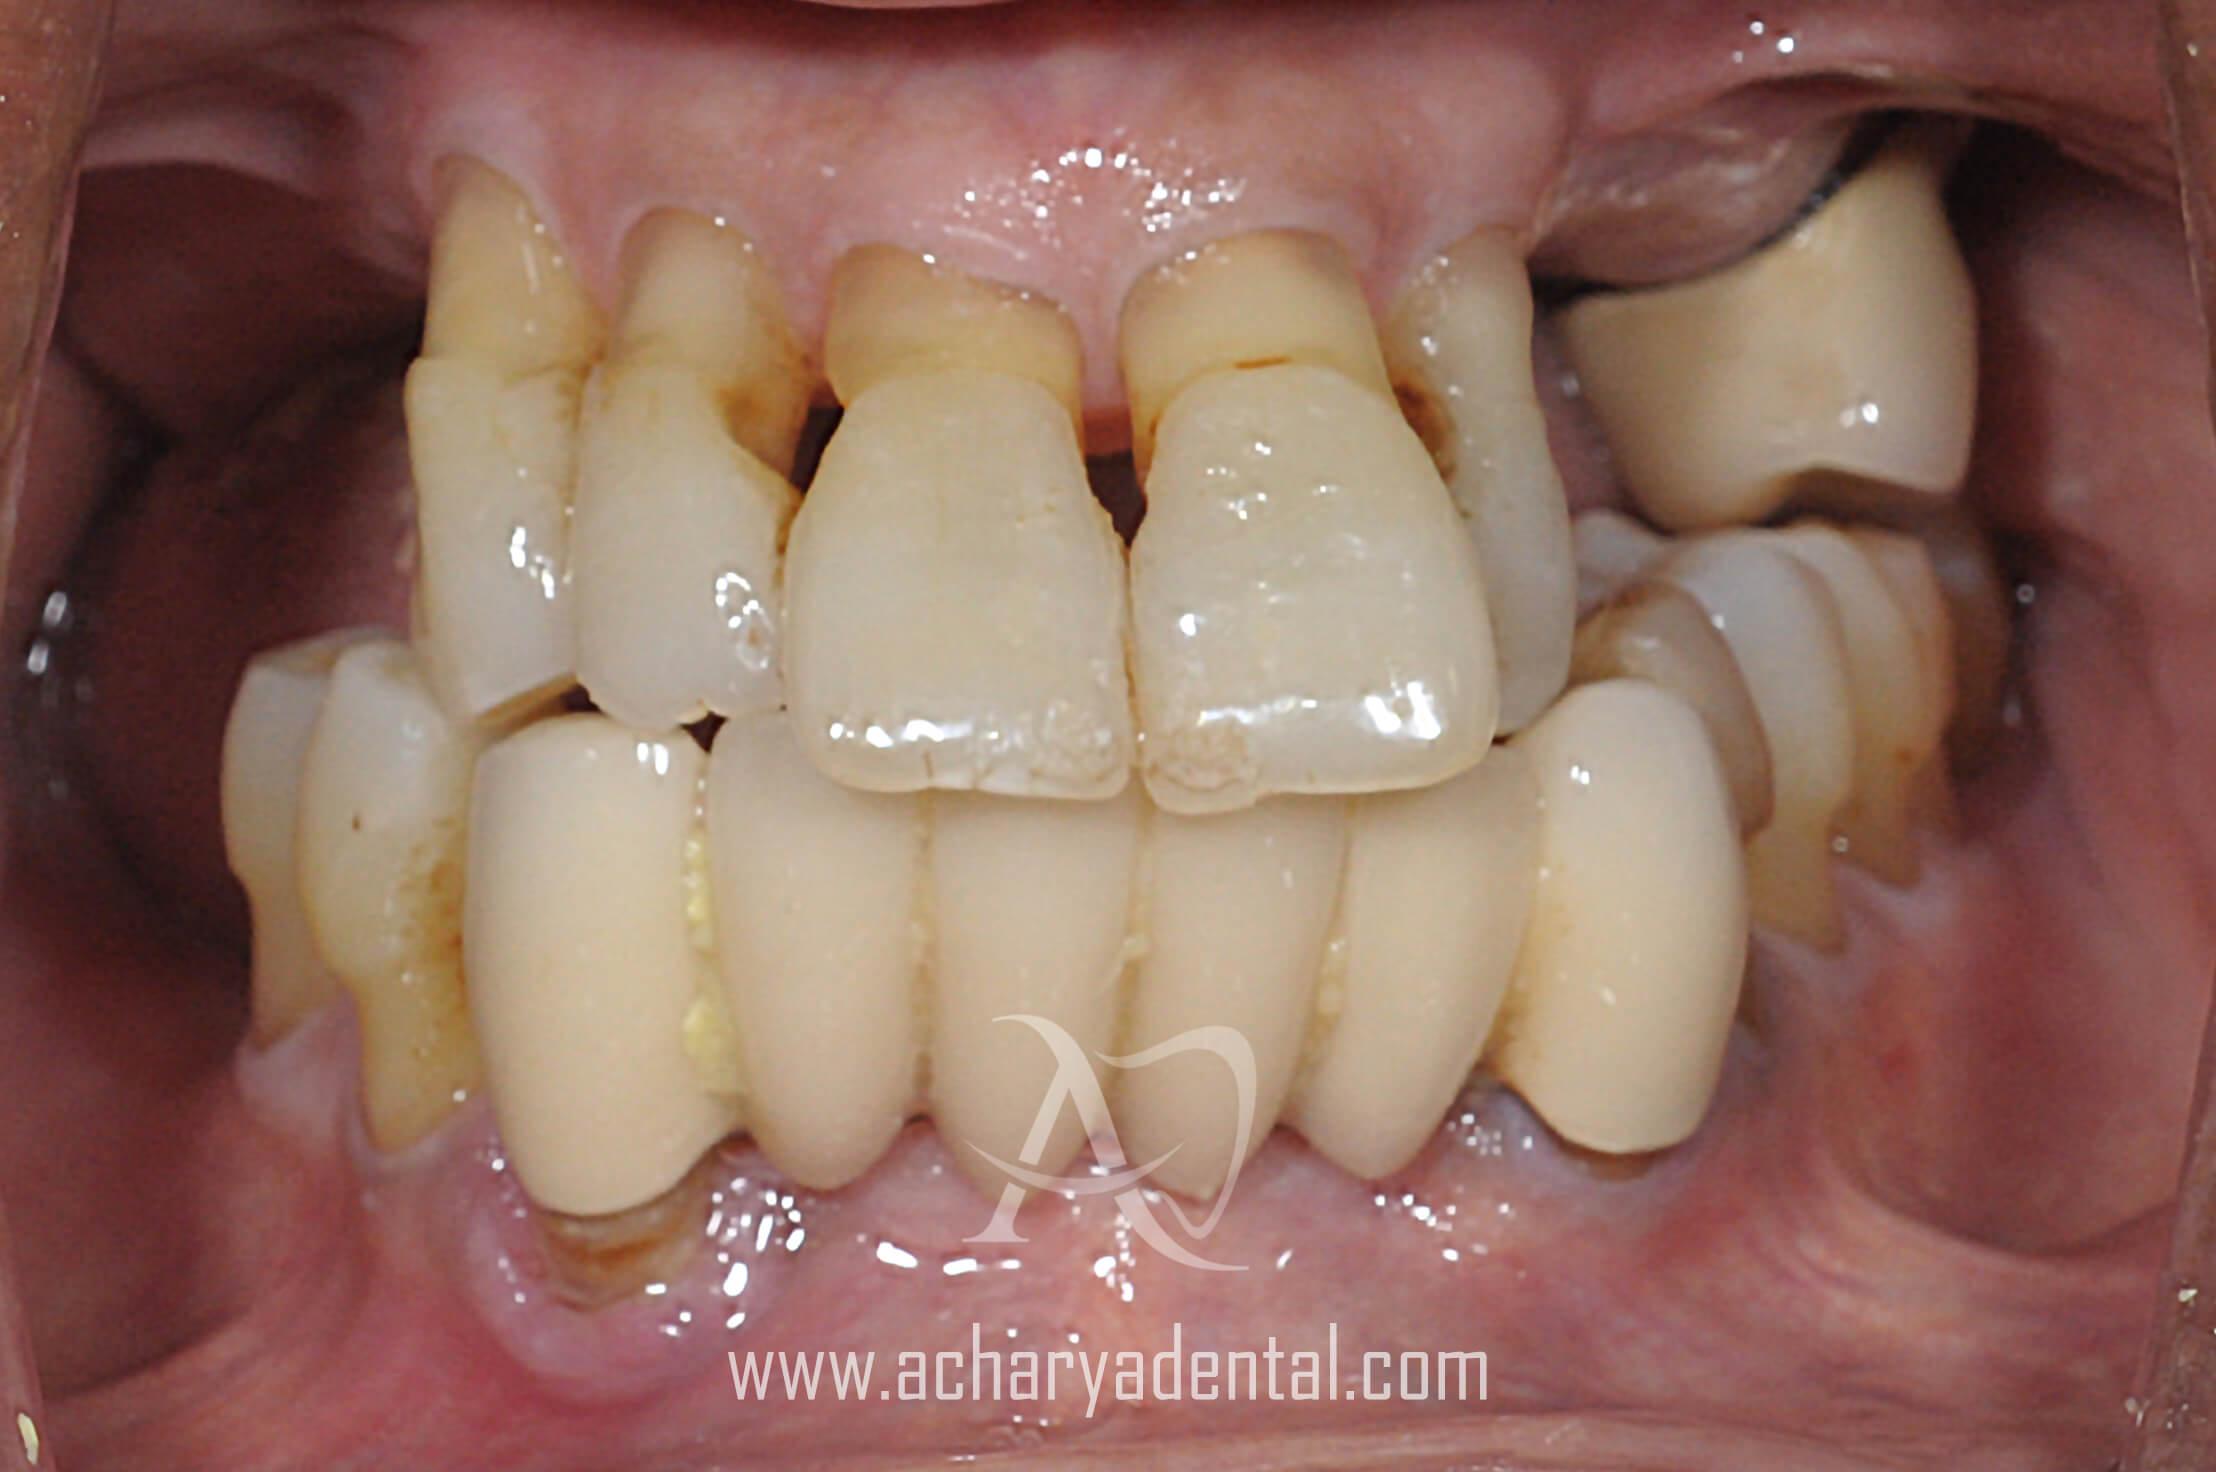 pre dental implant